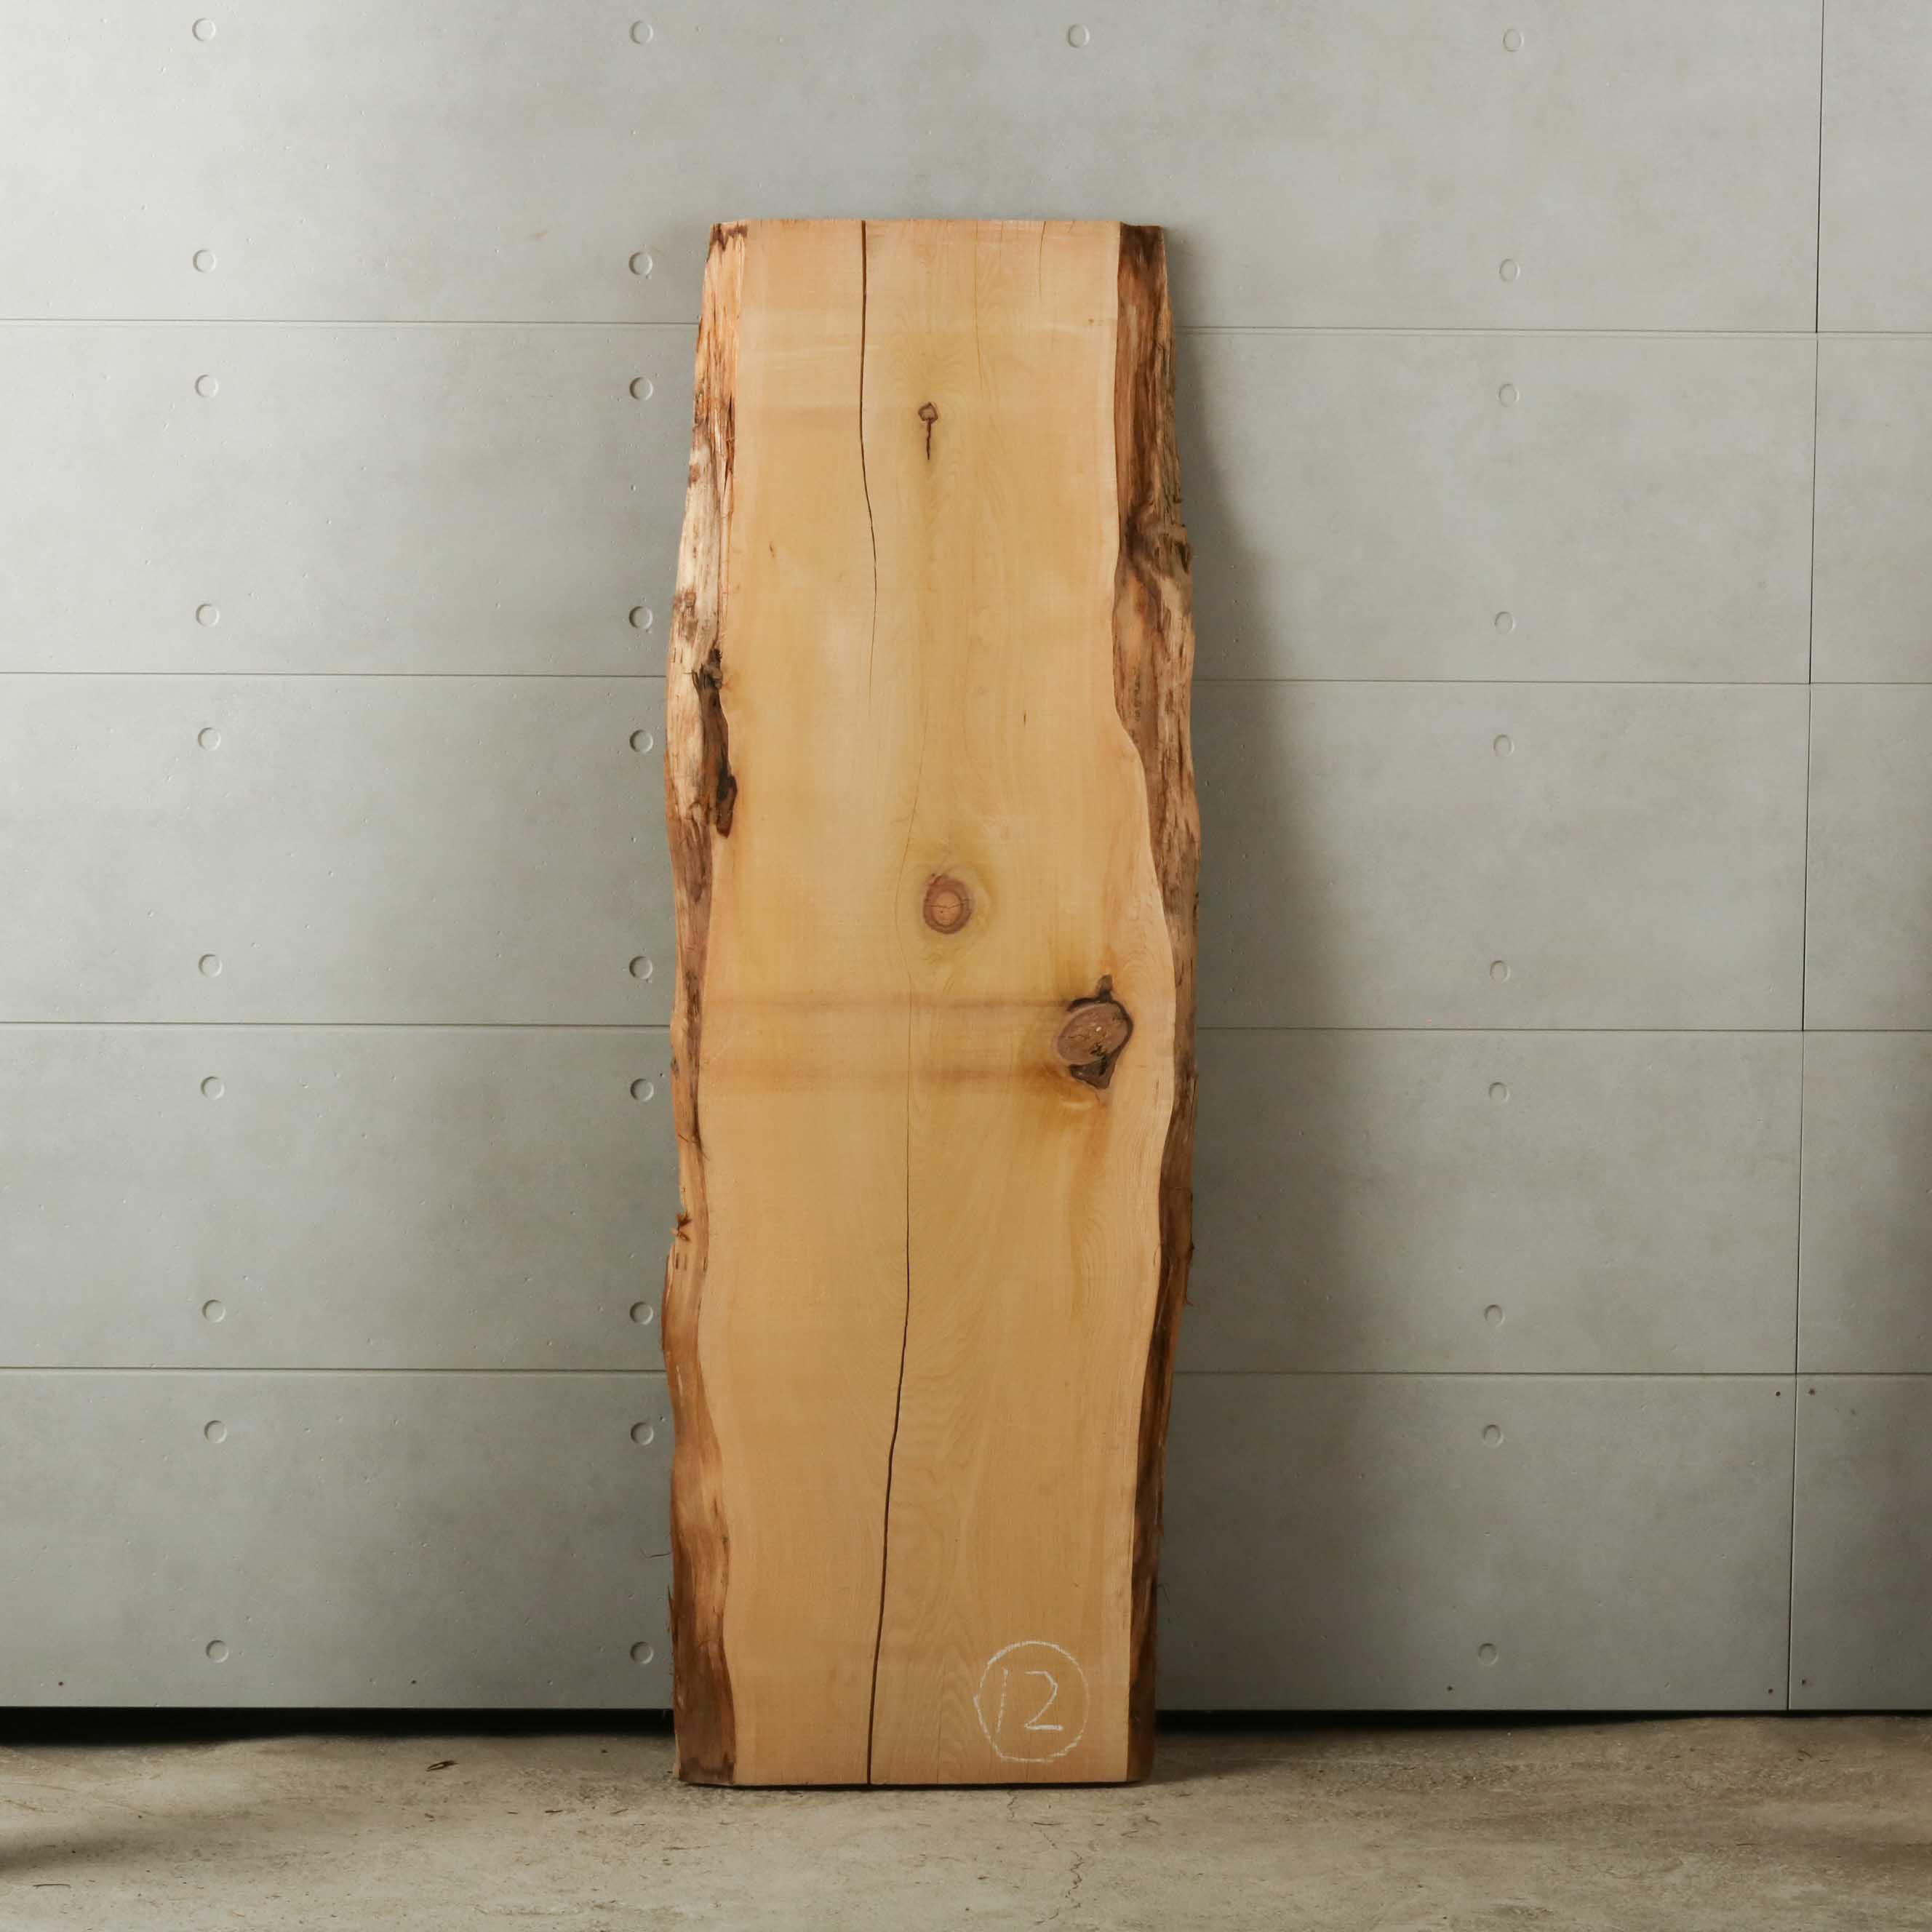 16-012 檜葉 (ヒバ) 一枚板 有限会社村口産業(下北郡)